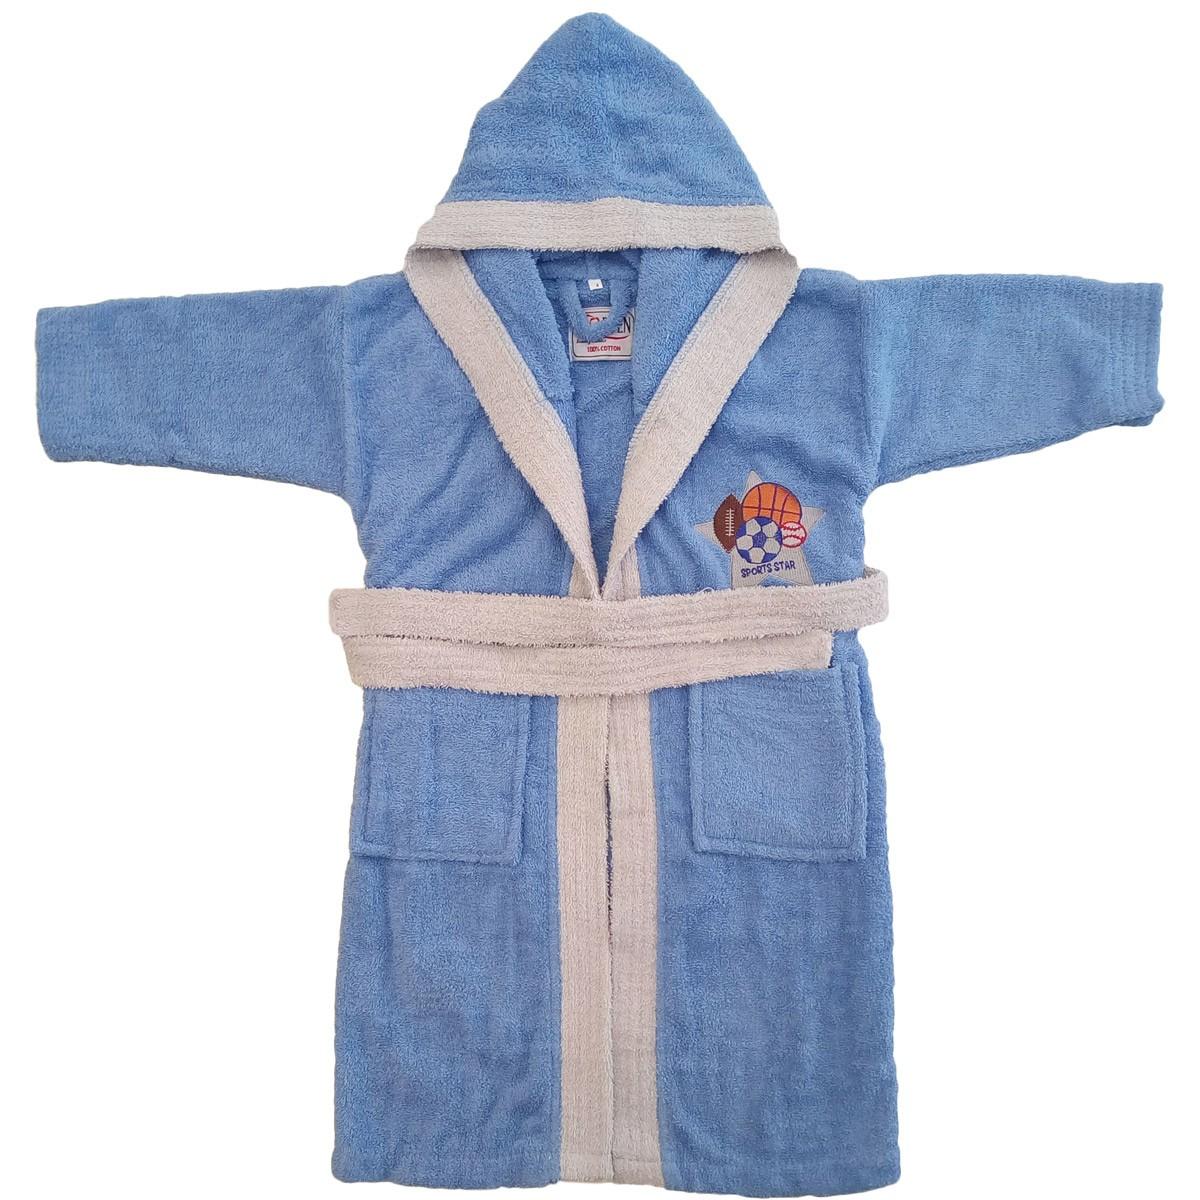 Βρεφικό Μπουρνούζι Morven Sports Star Blue Νο4 Νο4